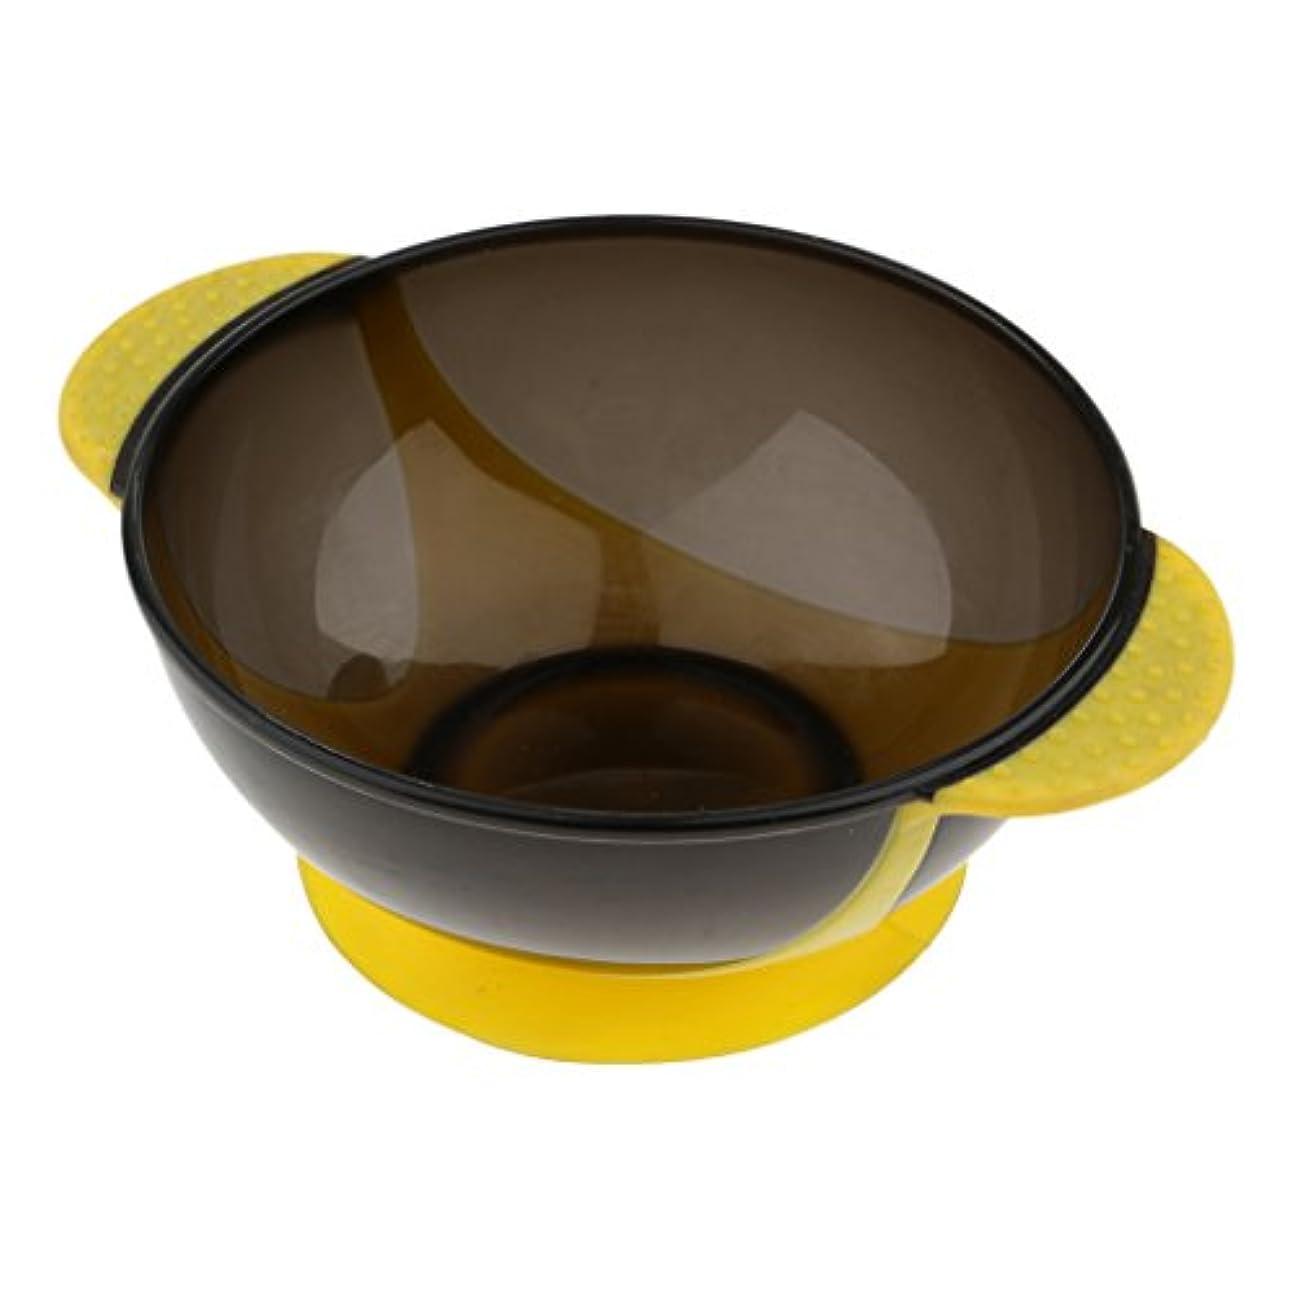 硬化する無限大アナニバーKesoto ヘアダイボウル ヘアカラー ヘアカラーカップ 髪染め おしゃれ染め プロ 3色選べる - 黄